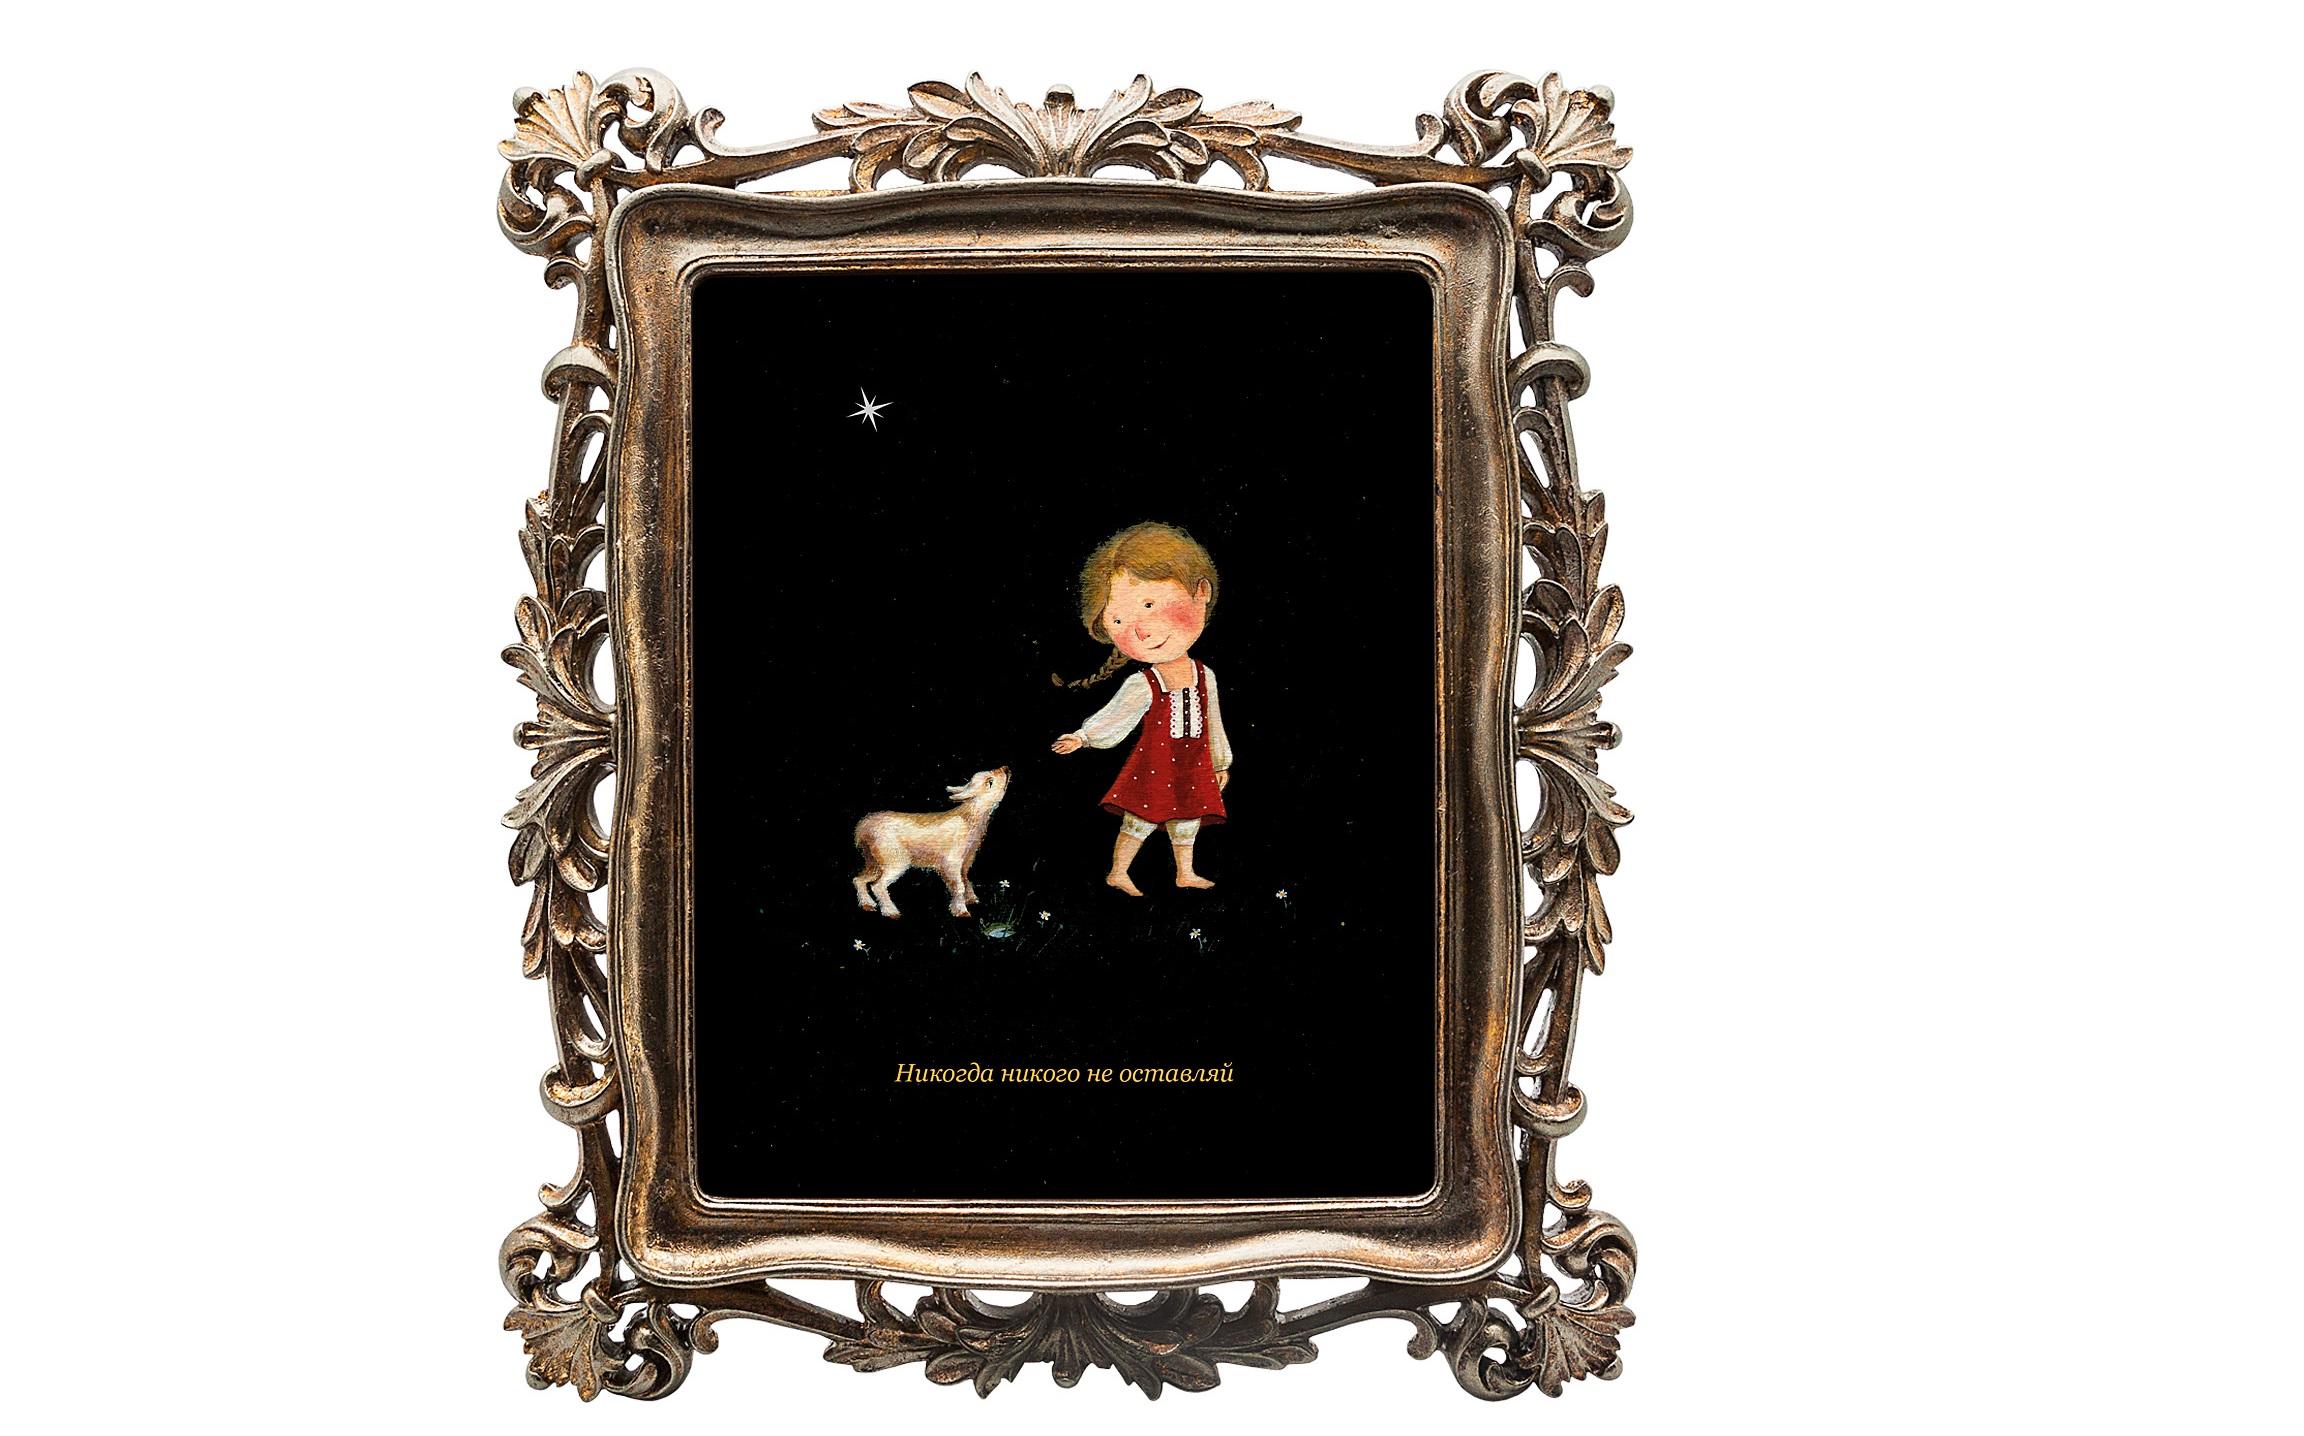 Картина 12 рецептов счастья (Козерог)Картины<br>Картина из коллекции «12 рецептов счастья» «Никогда никого не оставляй» олицетворяет собой знак зодиака Козерог, преподнося нам уникальное пожелание.  Картину можно повесить на стену, либо поставить, например, на стол или камин. Защитный стеклянный слой  гарантирует долгую жизнь прекрасному изображению. Рама изготовлена из полистоуна. Искусная техника состаривания придает раме особую теплоту и винтажность.&amp;lt;div&amp;gt;&amp;lt;br&amp;gt;&amp;lt;/div&amp;gt;&amp;lt;div&amp;gt;Материал: полистоун, стекло, дизайнерская бумага.&amp;lt;br&amp;gt;&amp;lt;/div&amp;gt;<br><br>Material: Полистоун<br>Width см: 29.7<br>Depth см: 2.2<br>Height см: 34.7